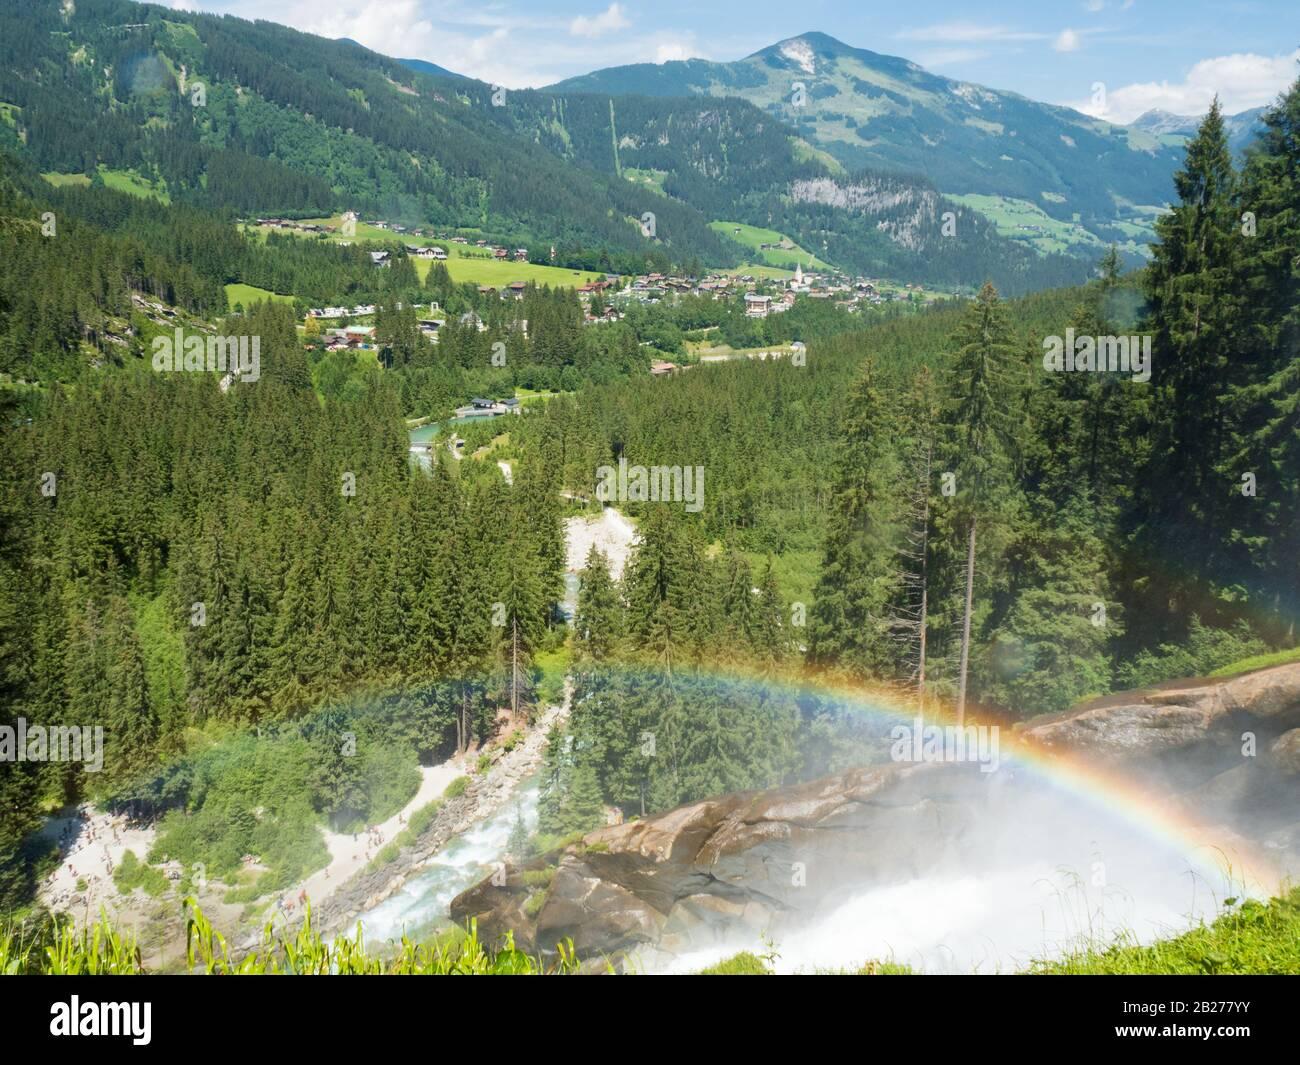 Rainbow over the Krimml Waterfalls (Krimmler Wasserfälle) in the High Tauern National Park, Austria Stock Photo